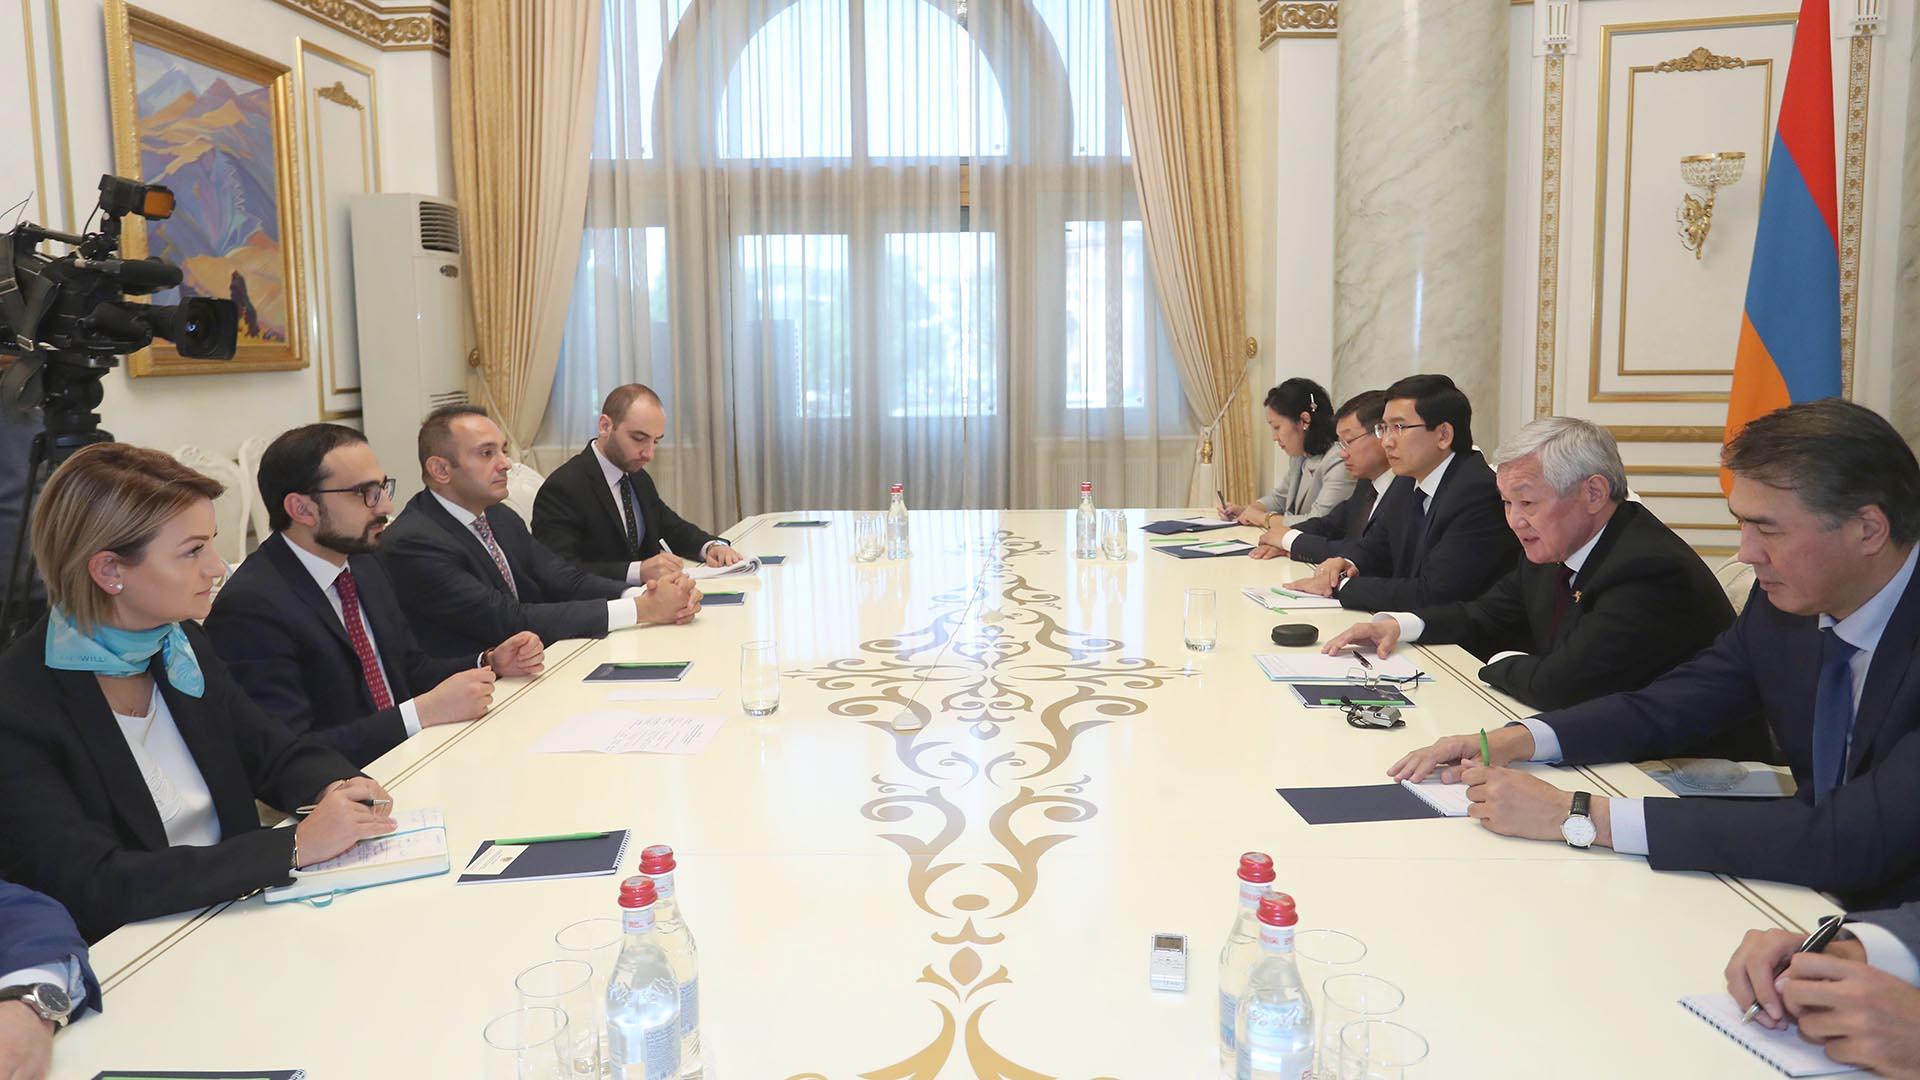 Бердібек Сапарбаев жұмыс сапарымен Арменияға барды